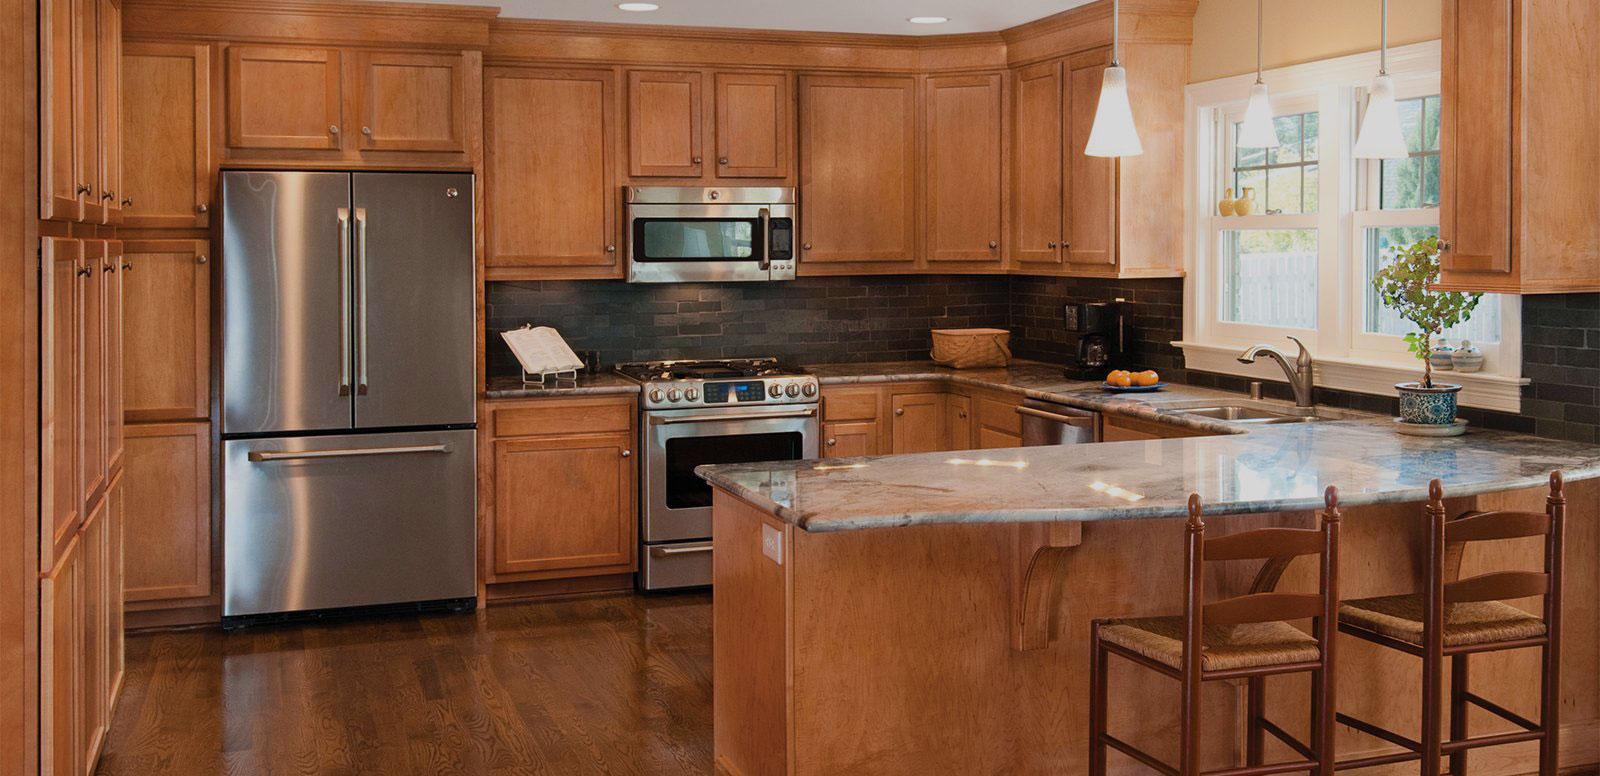 Kitchen Cabinet Restoration & Antique Furniture Restorer ...